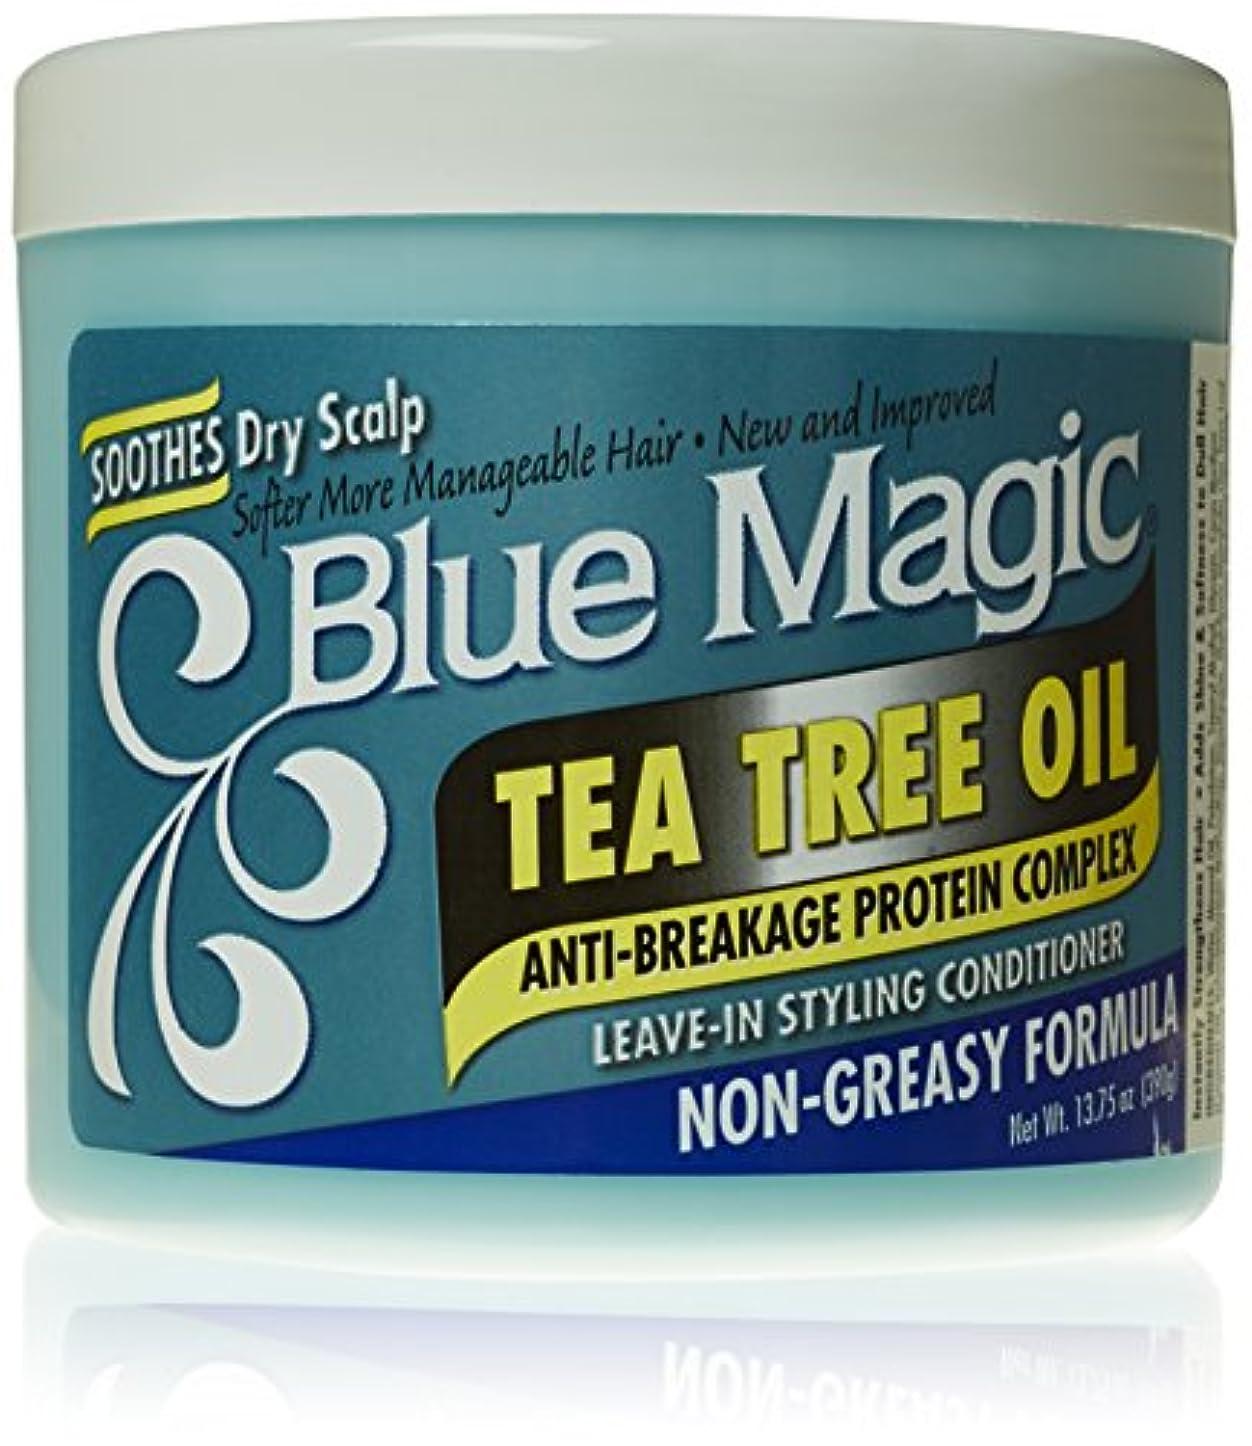 受け取る課税虎Blue Magic ティーツリーは、リーブインヘアスタイリングコンディショナー、13.75オンス